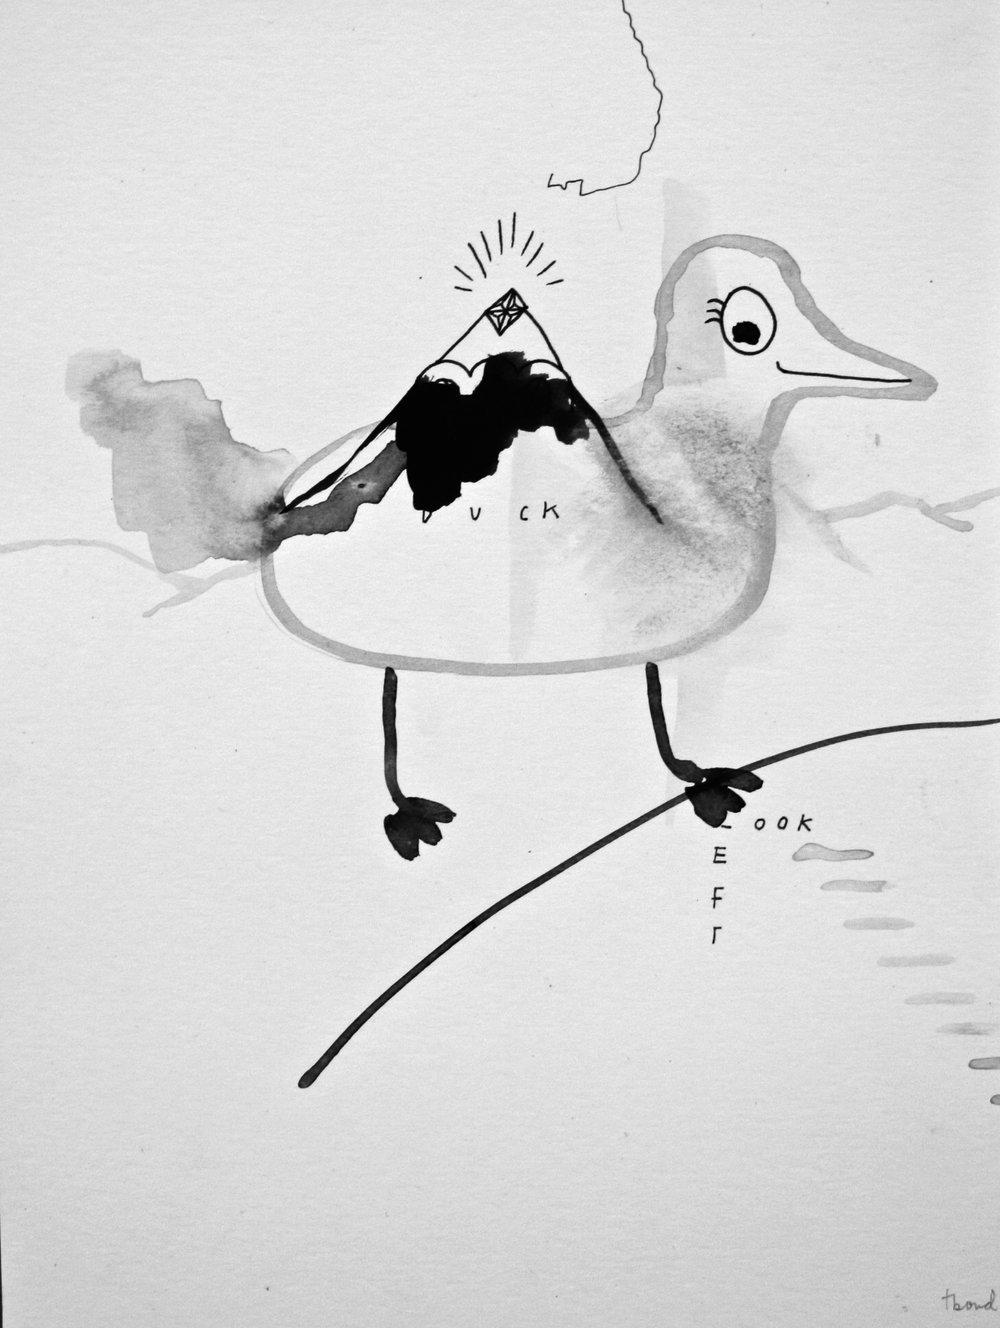 Tamara Bond <br> Untitled <br> 12 x 9 <br> Ink on Paper <br> $ 550